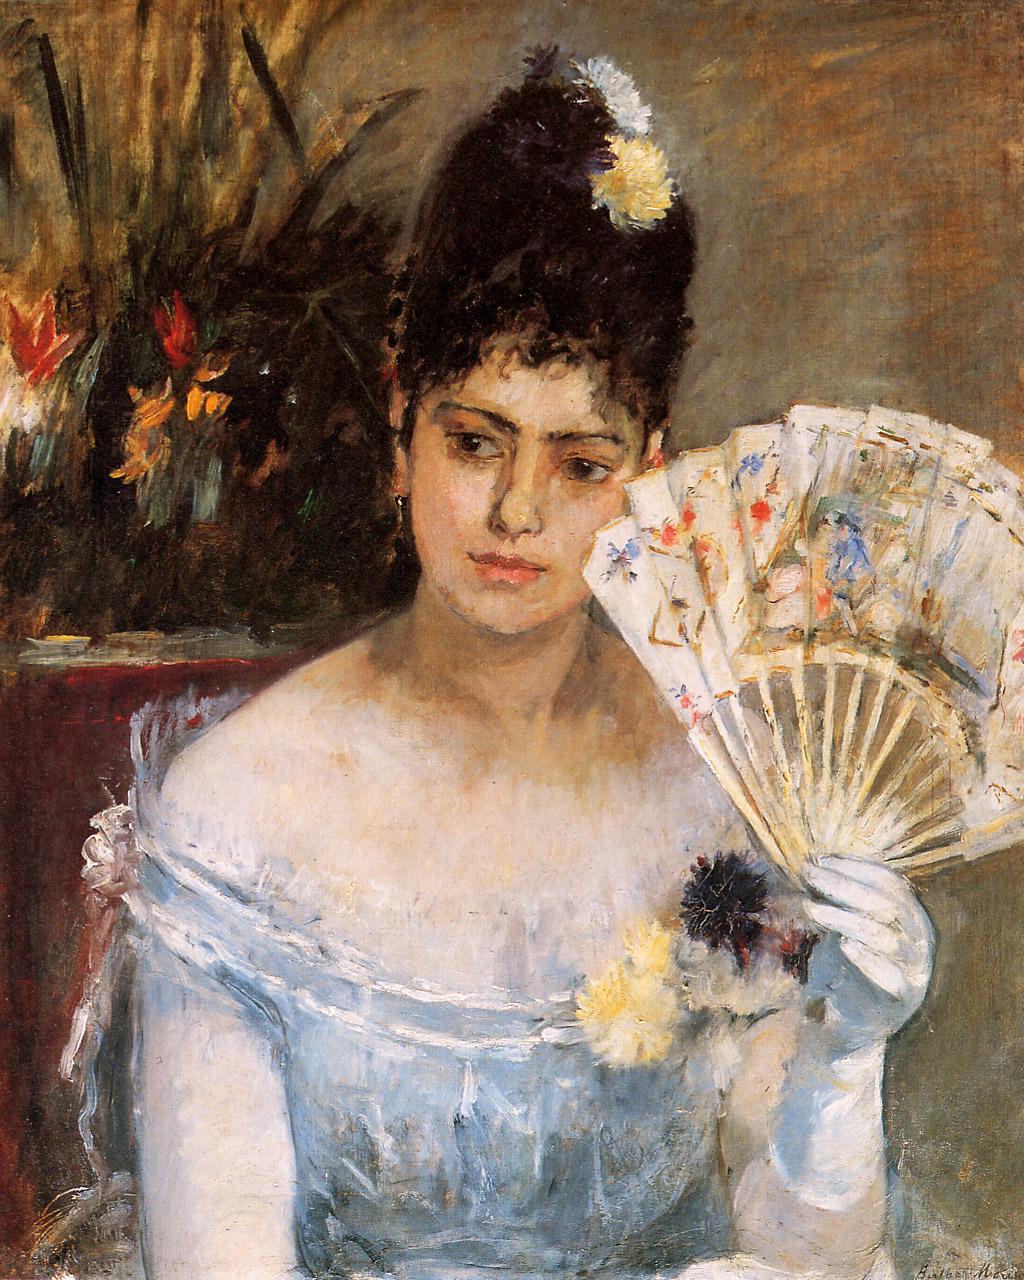 At the Ball, 1875 - Berthe Morisot - WikiArt.org